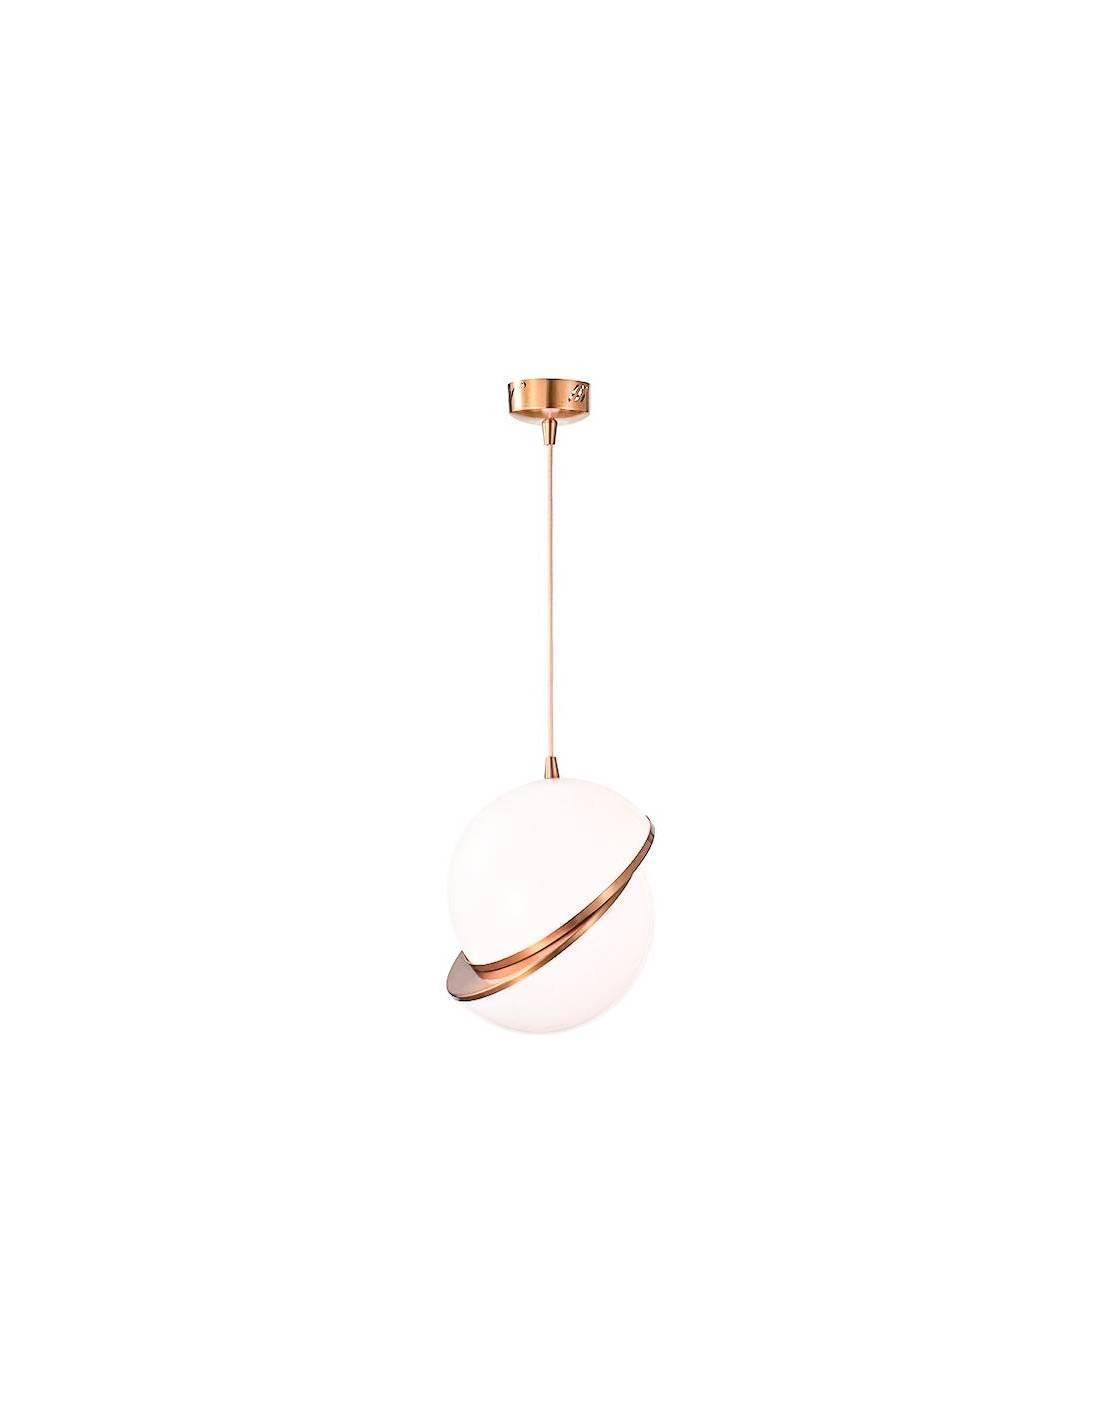 Okrągła lampa sufitowa z mosiężnym zdobieniem i akrylowym kloszem